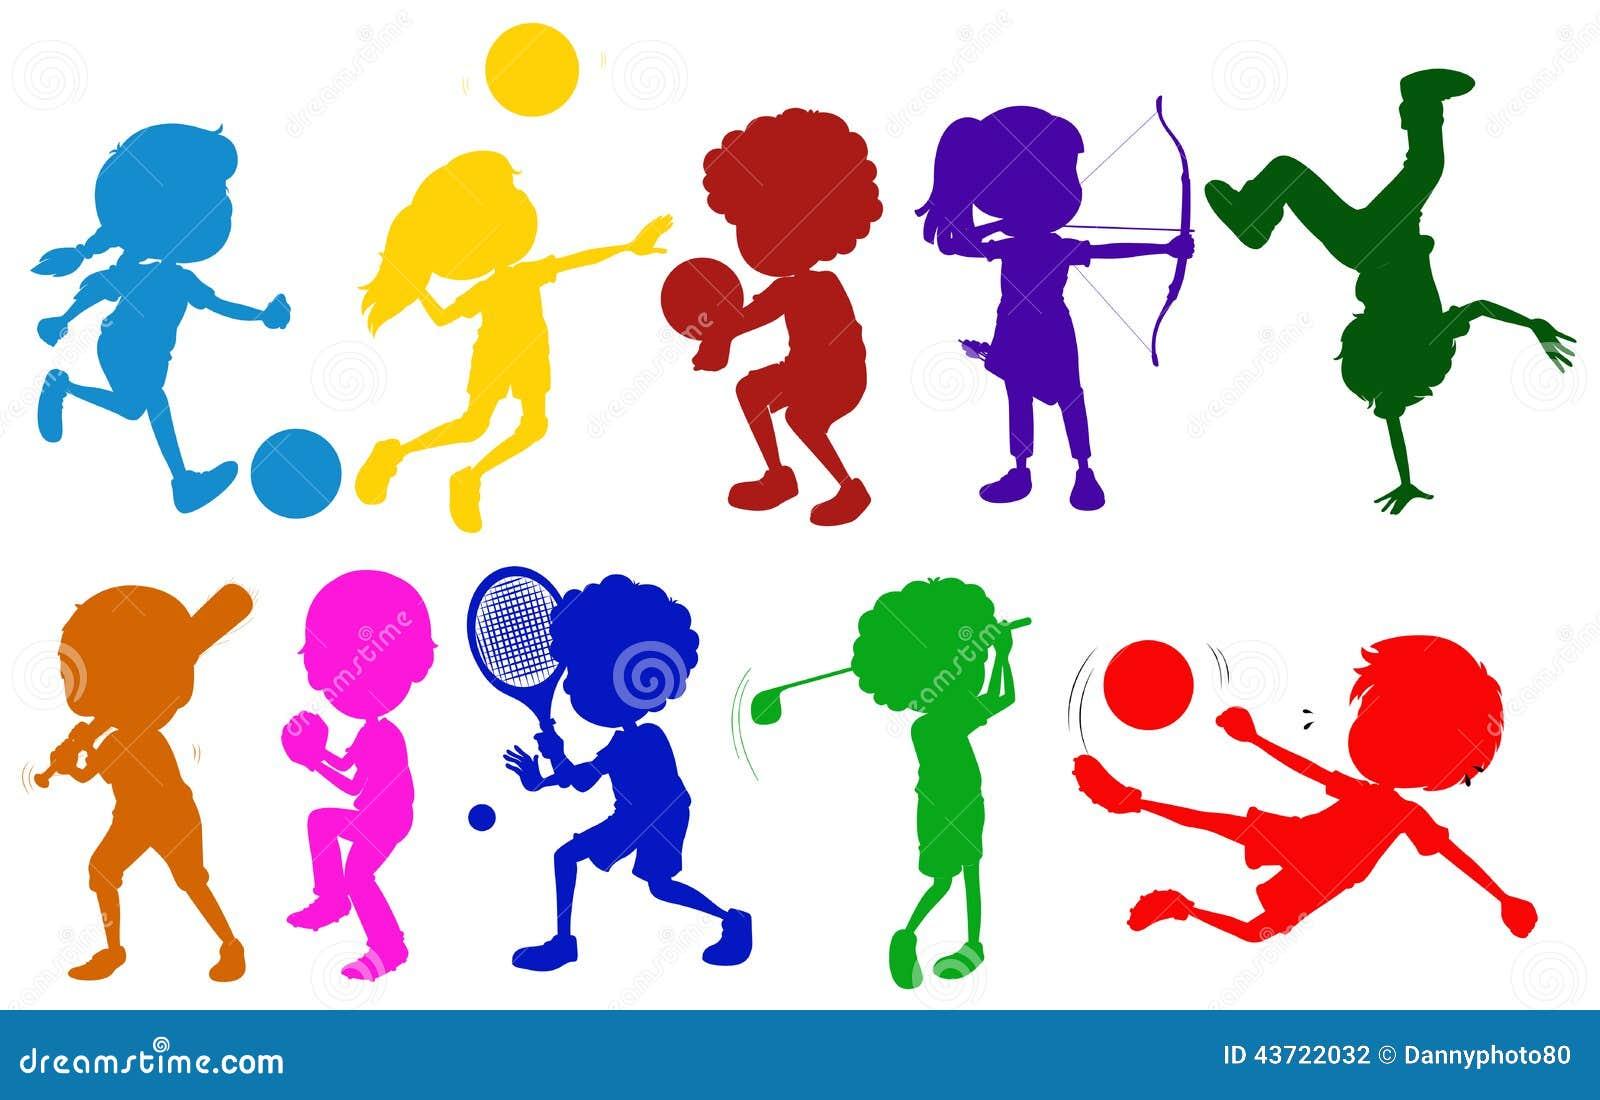 farbige skizzen von den kindern die mit dem unterschiedlichen sport spielen vektor abbildung. Black Bedroom Furniture Sets. Home Design Ideas